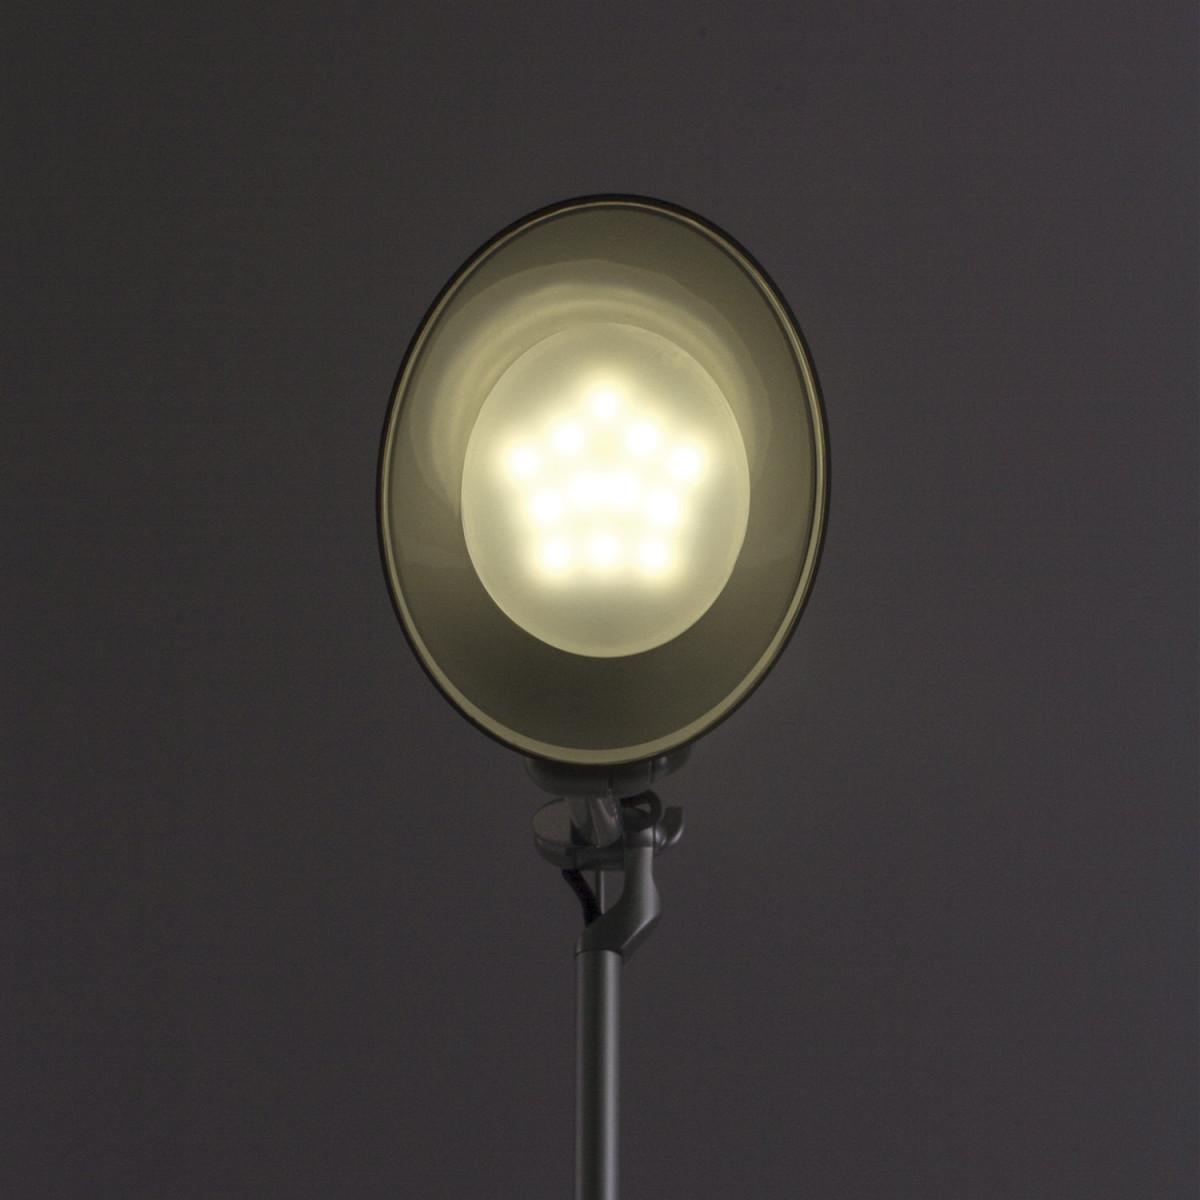 Светильник настольный SONNEN PH-104, на подставке, светодиодный, 8 Вт, серебристый, 236691 (арт. 236691)